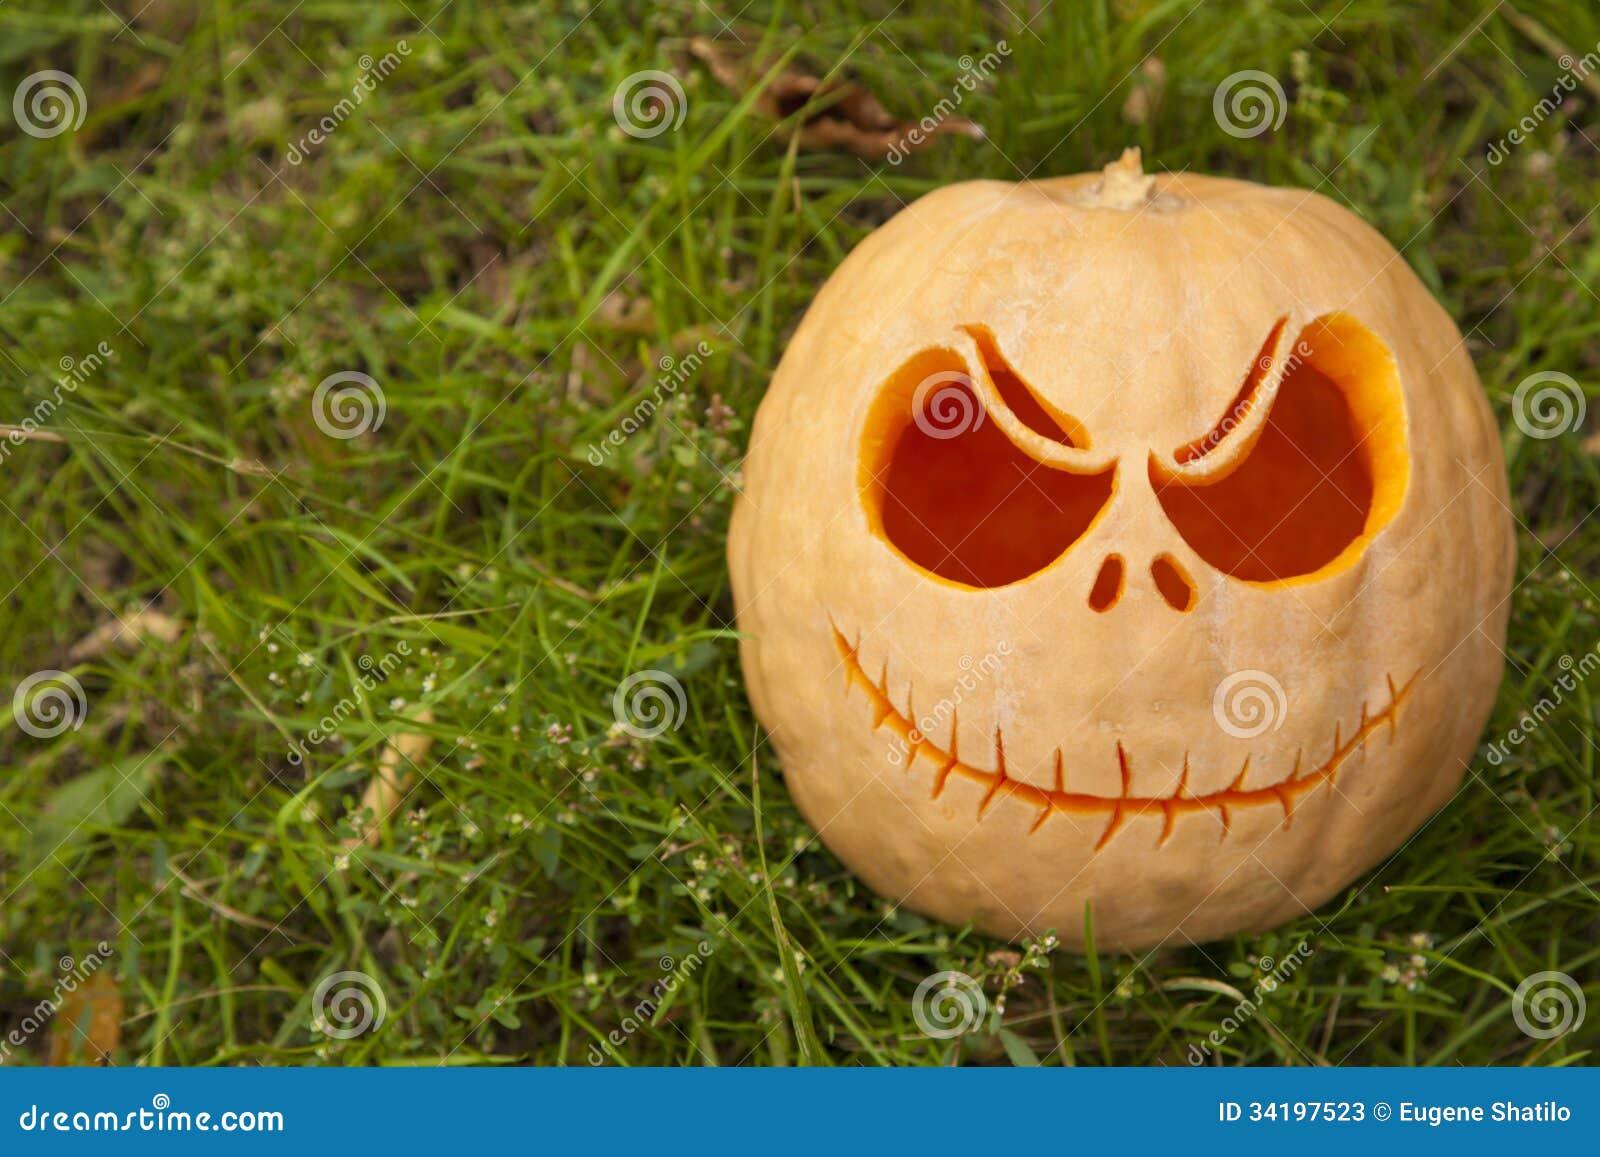 Halloween Pumpkin On Green Grass Stock Image